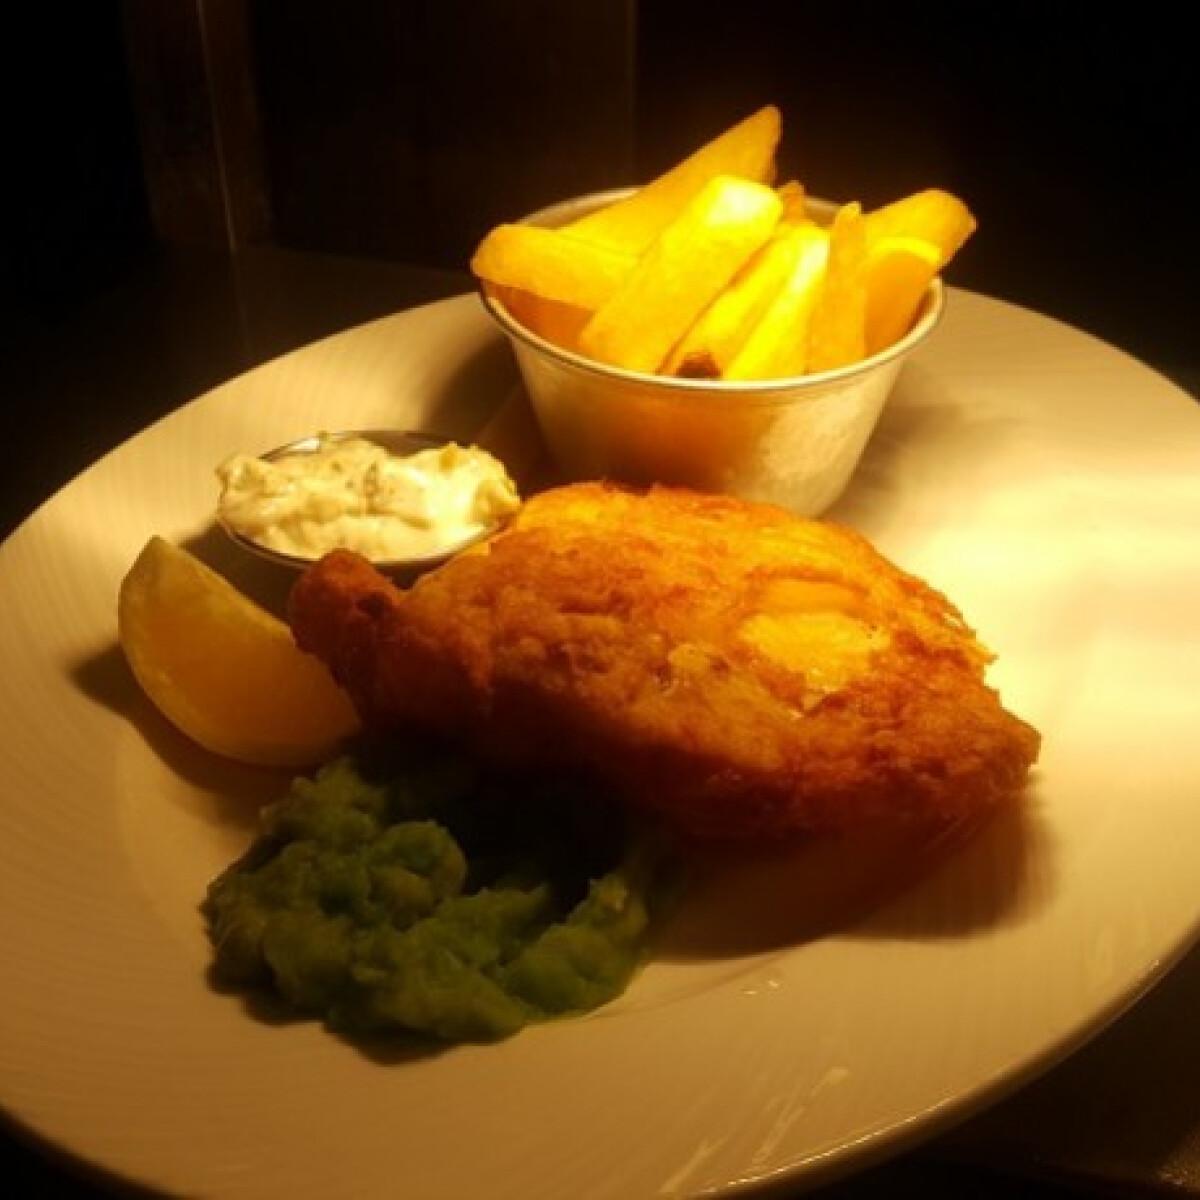 Ezen a képen: Fish and chips angol tartárszósszal és borsópürével